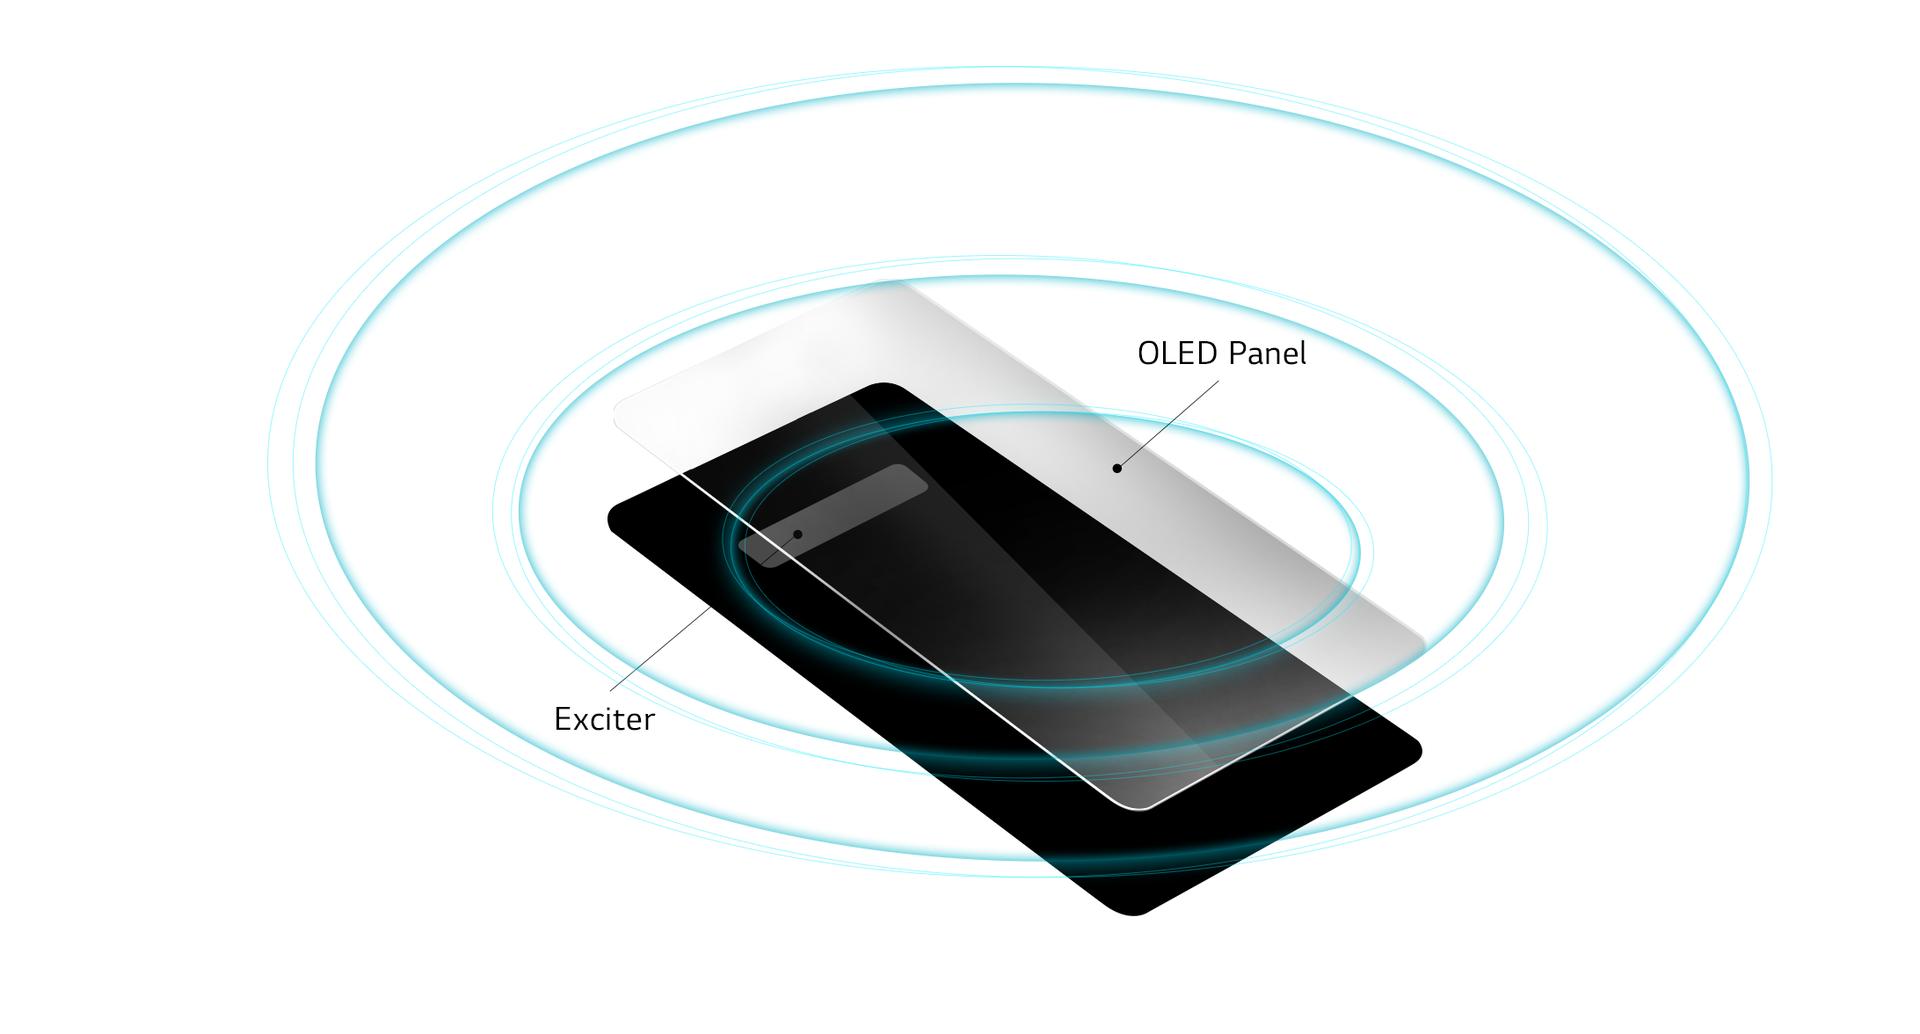 Флагманский смартфон LG G8 ThinQ использует дисплей в качестве динамика